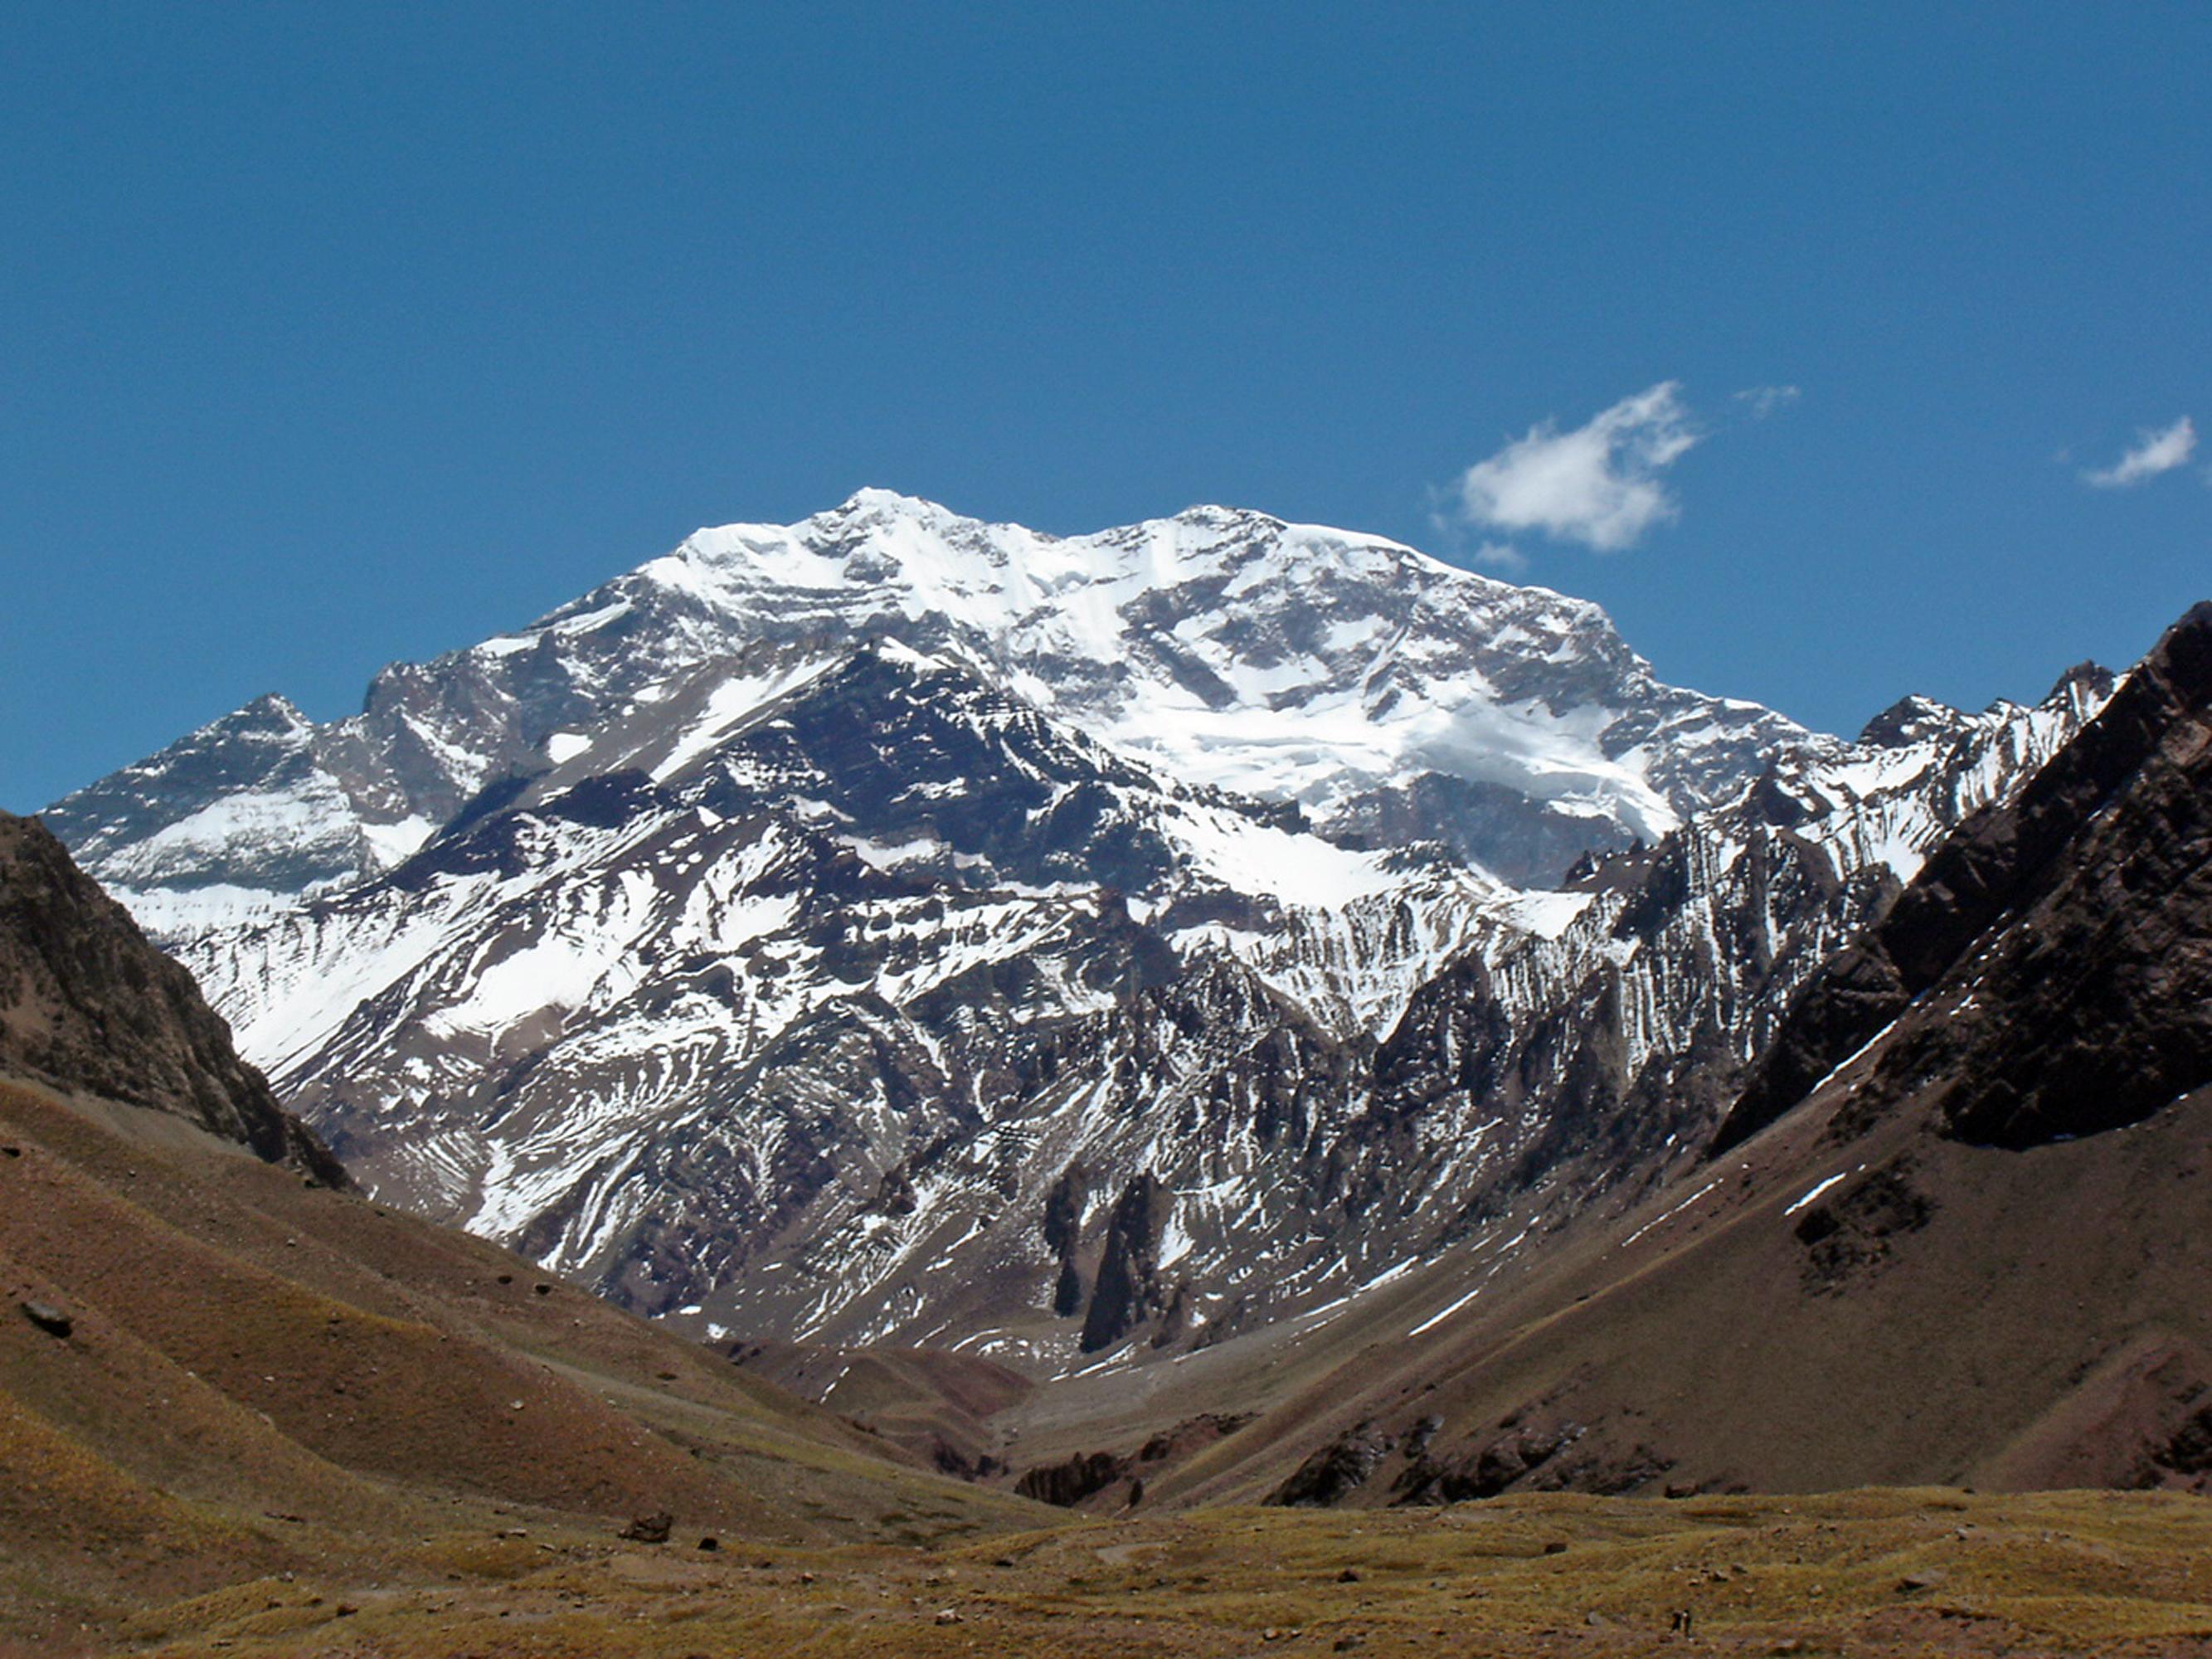 Les sports d'aventure à pratiquer en Argentine